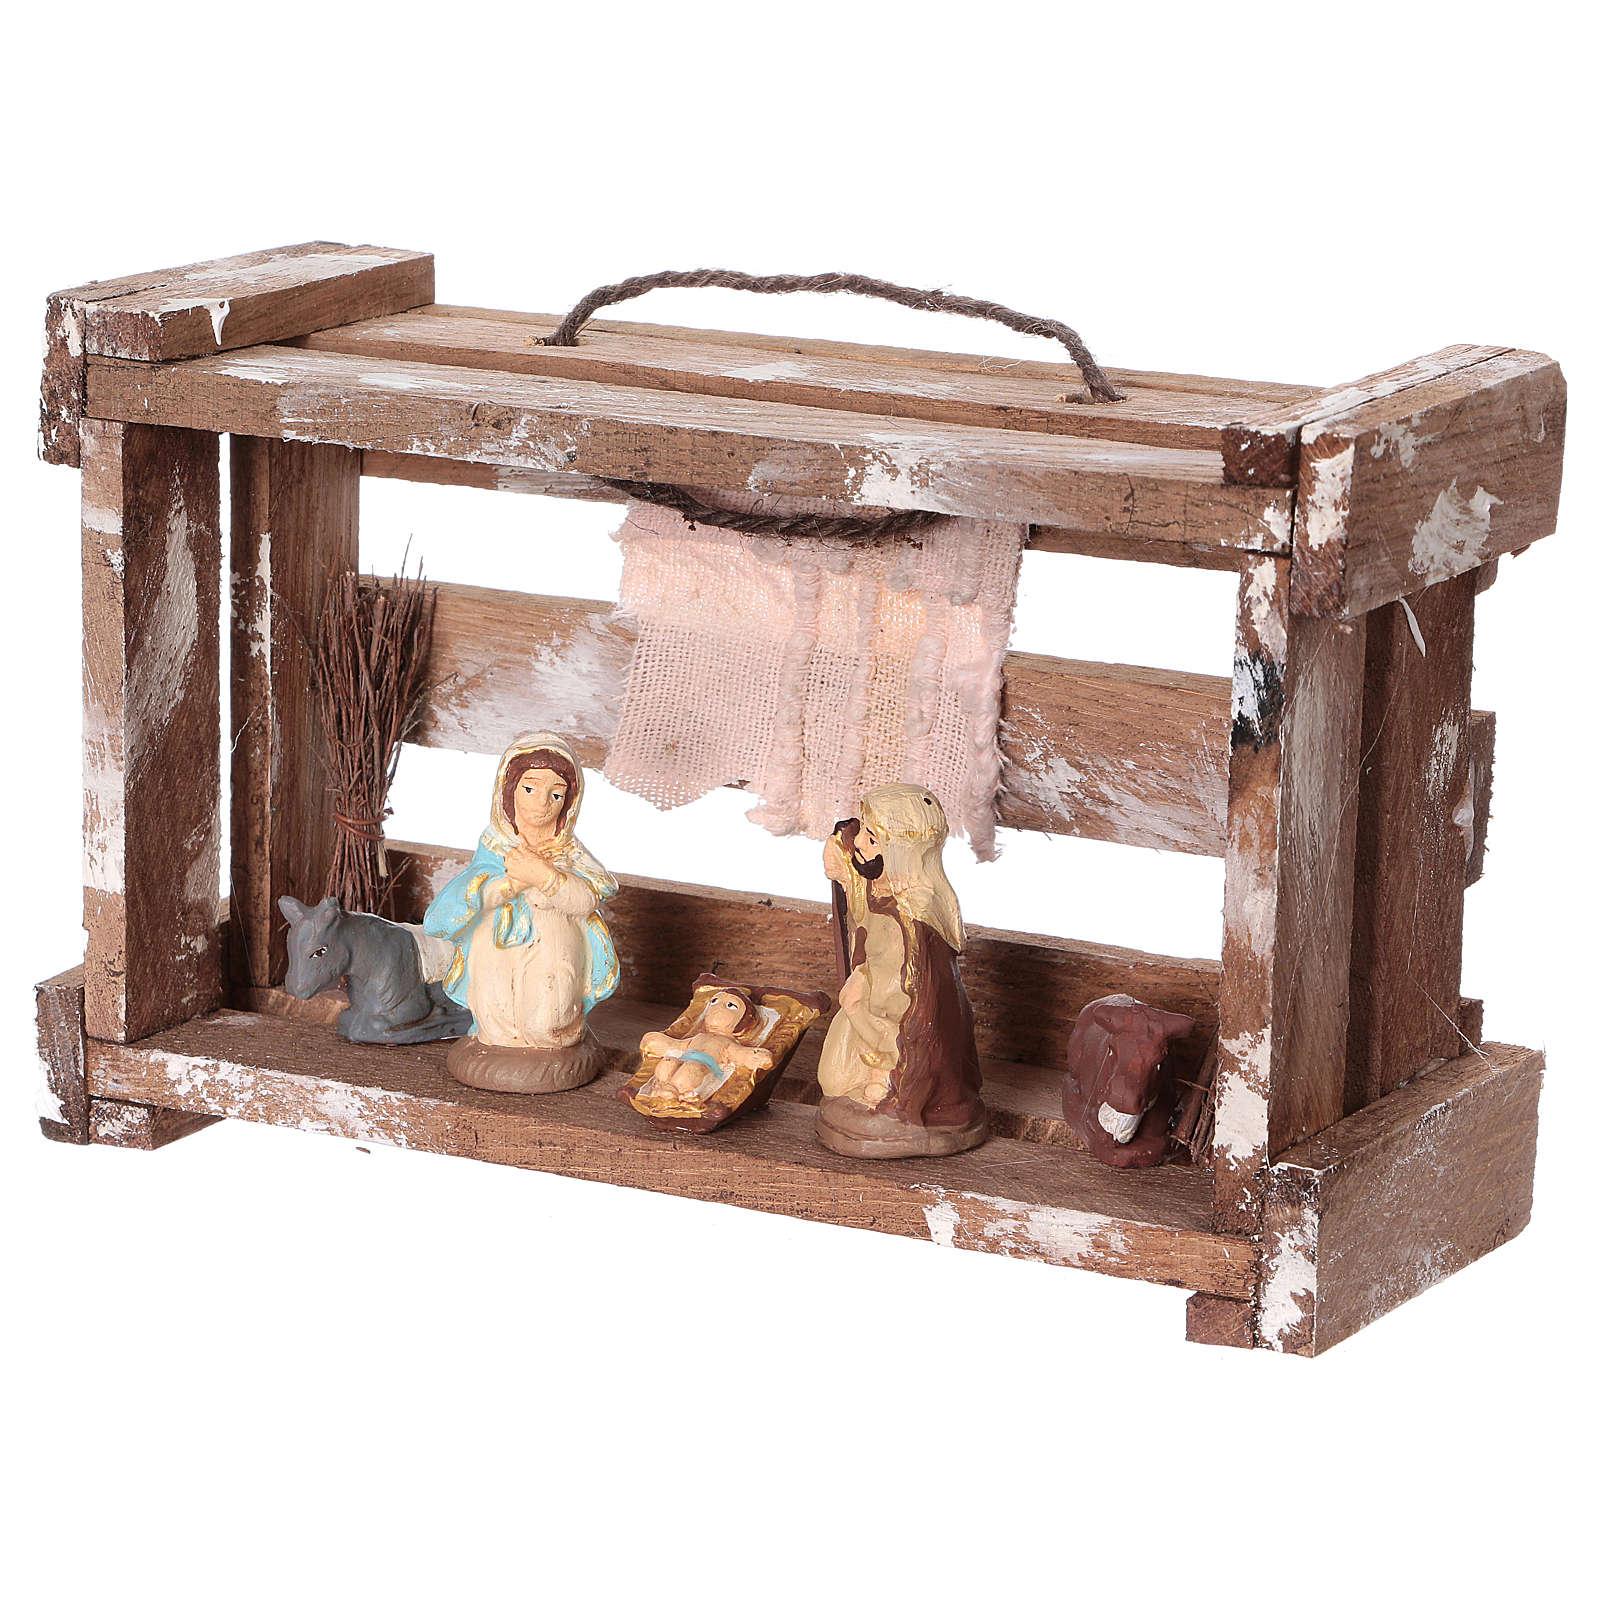 Cajita portátil de madera con Natividad belén 6 cm Deruta 4